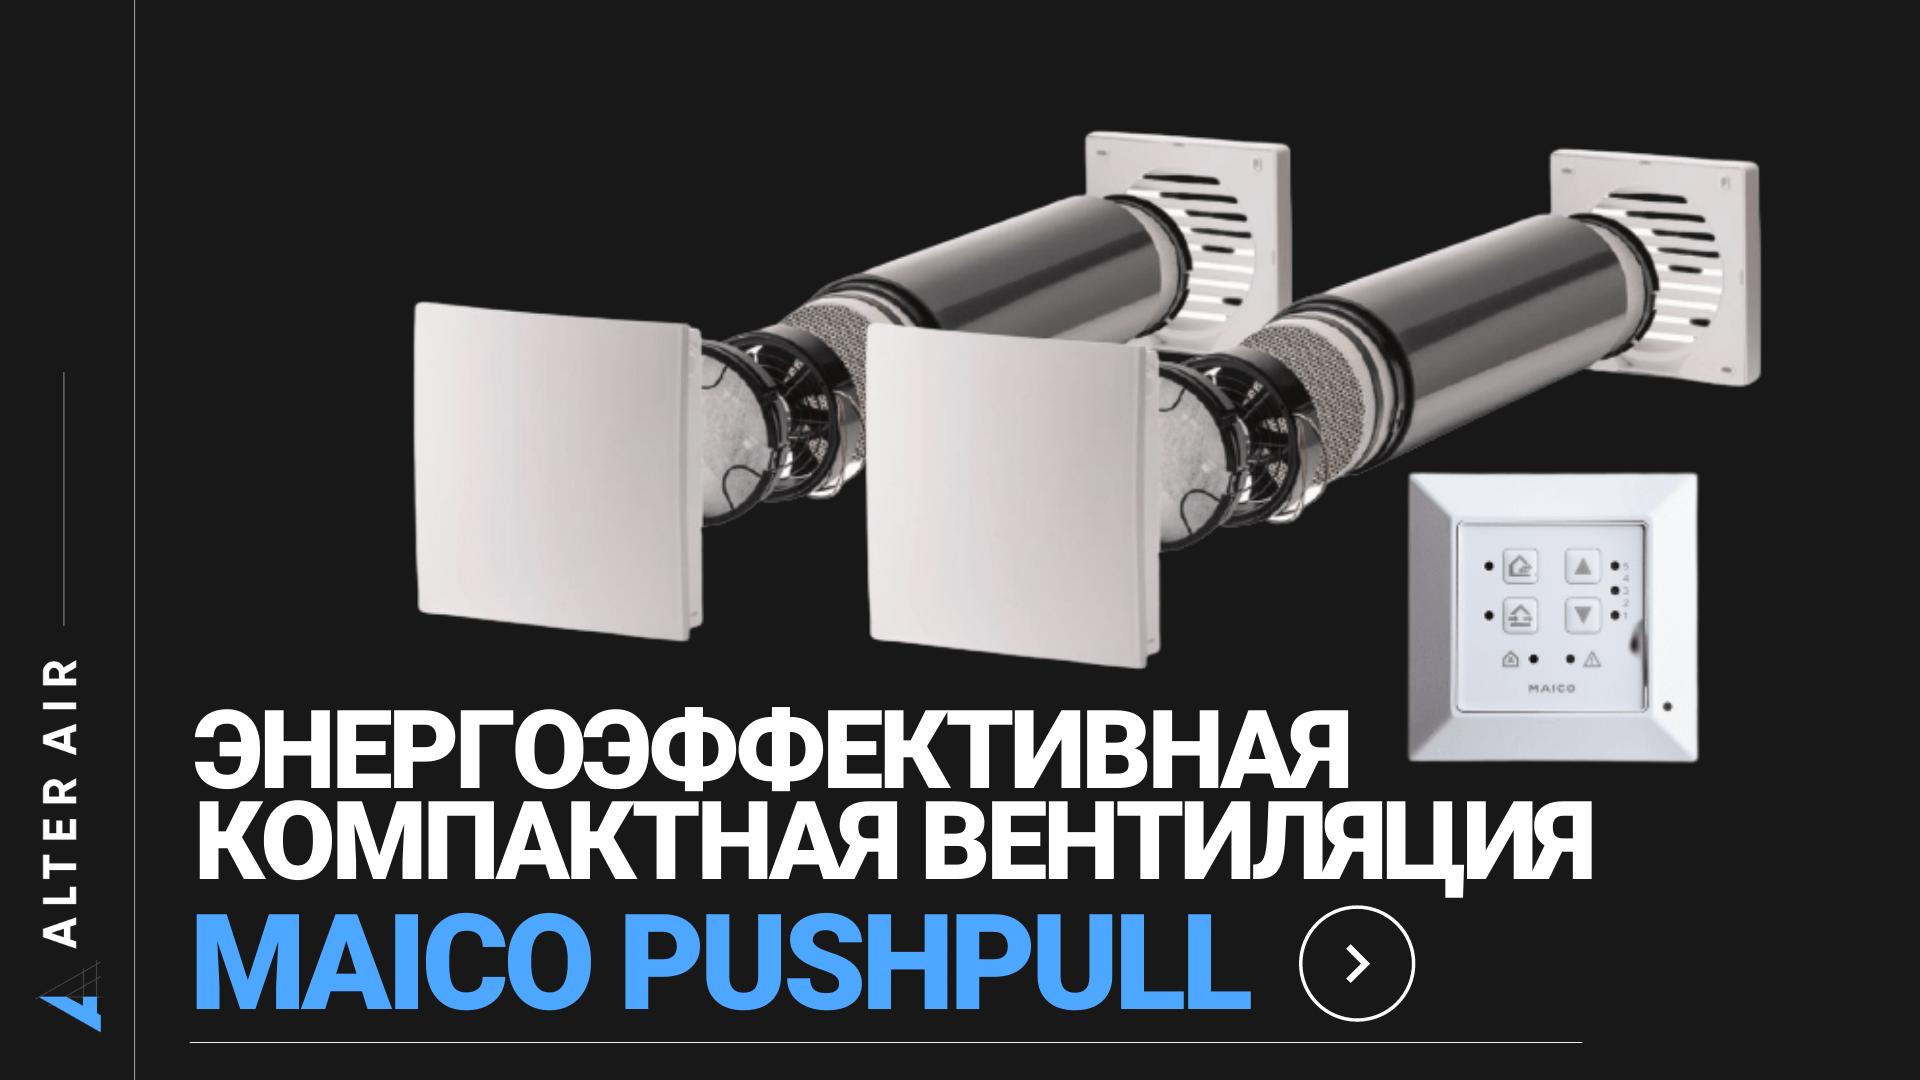 Maico PushPull (Германия) – компактная энергоэффективная вентиляция